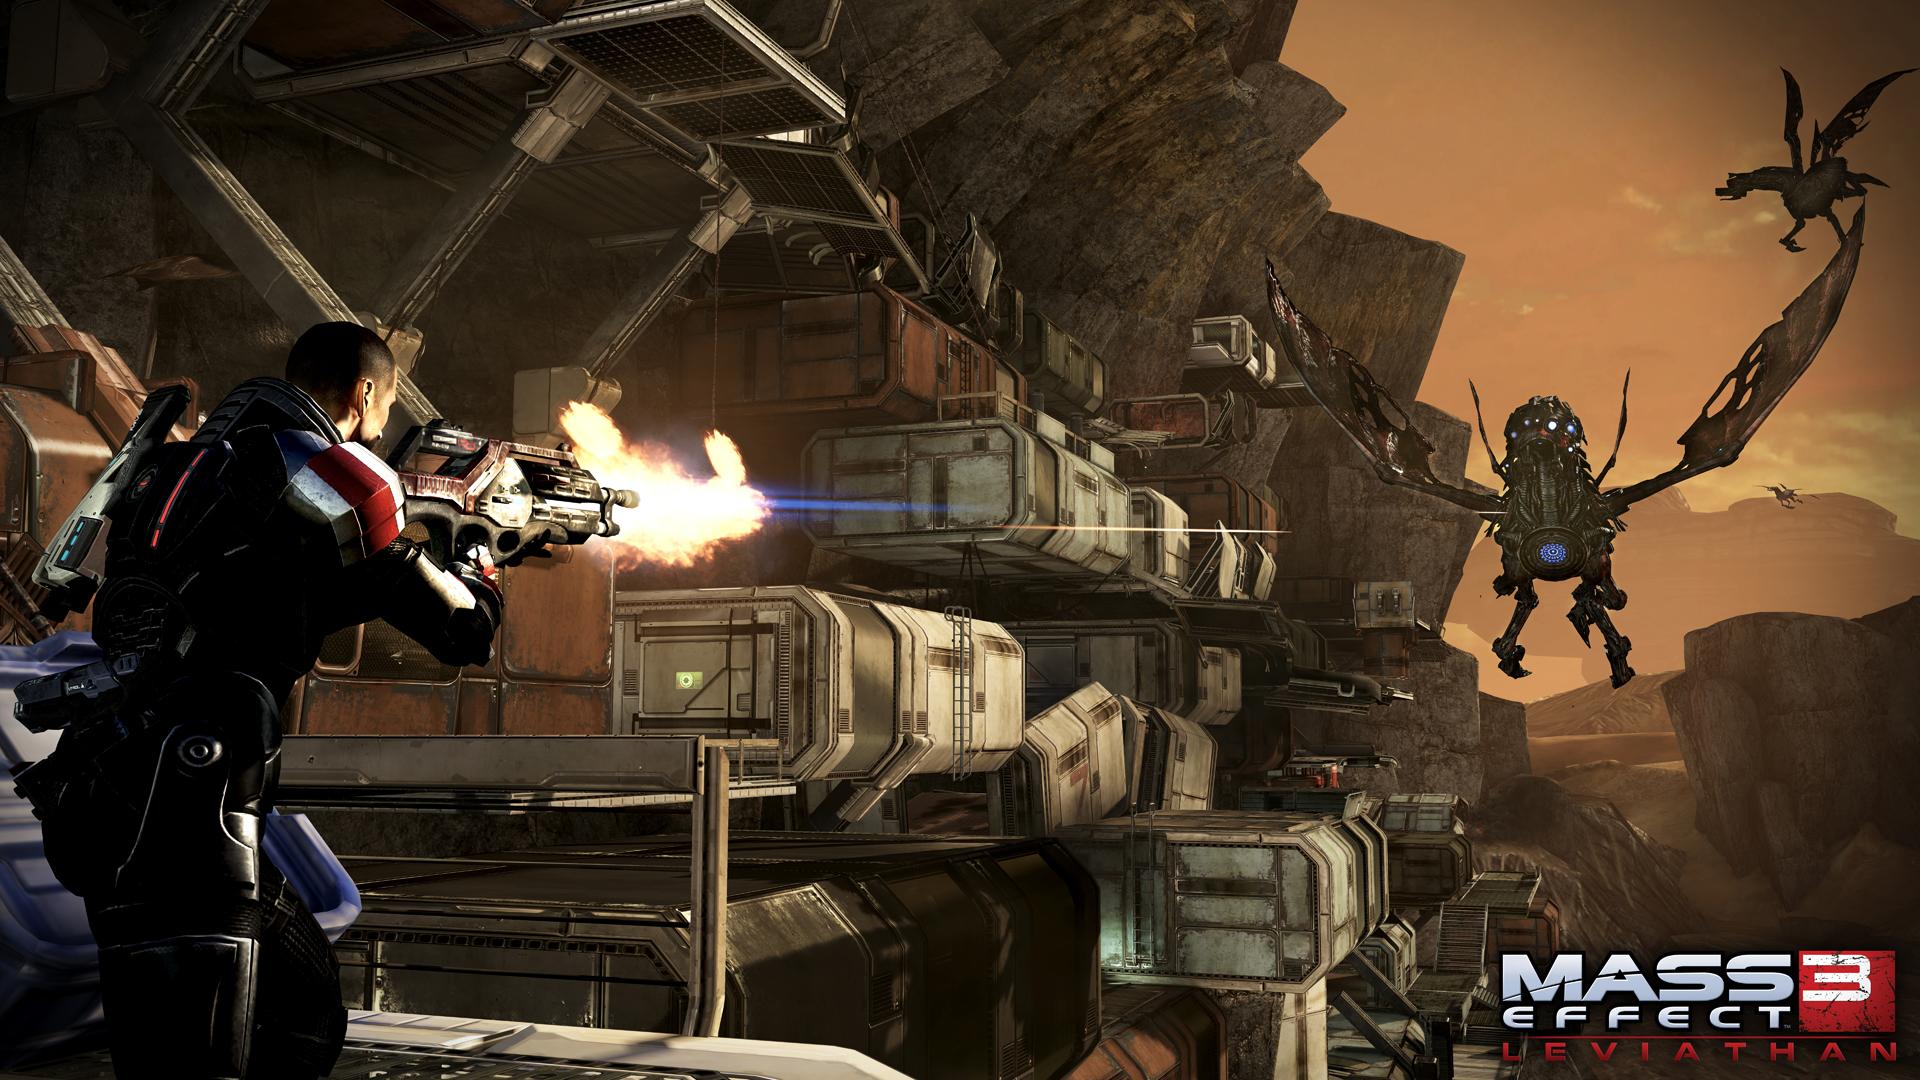 Mass Effect 3 Firefight Pack